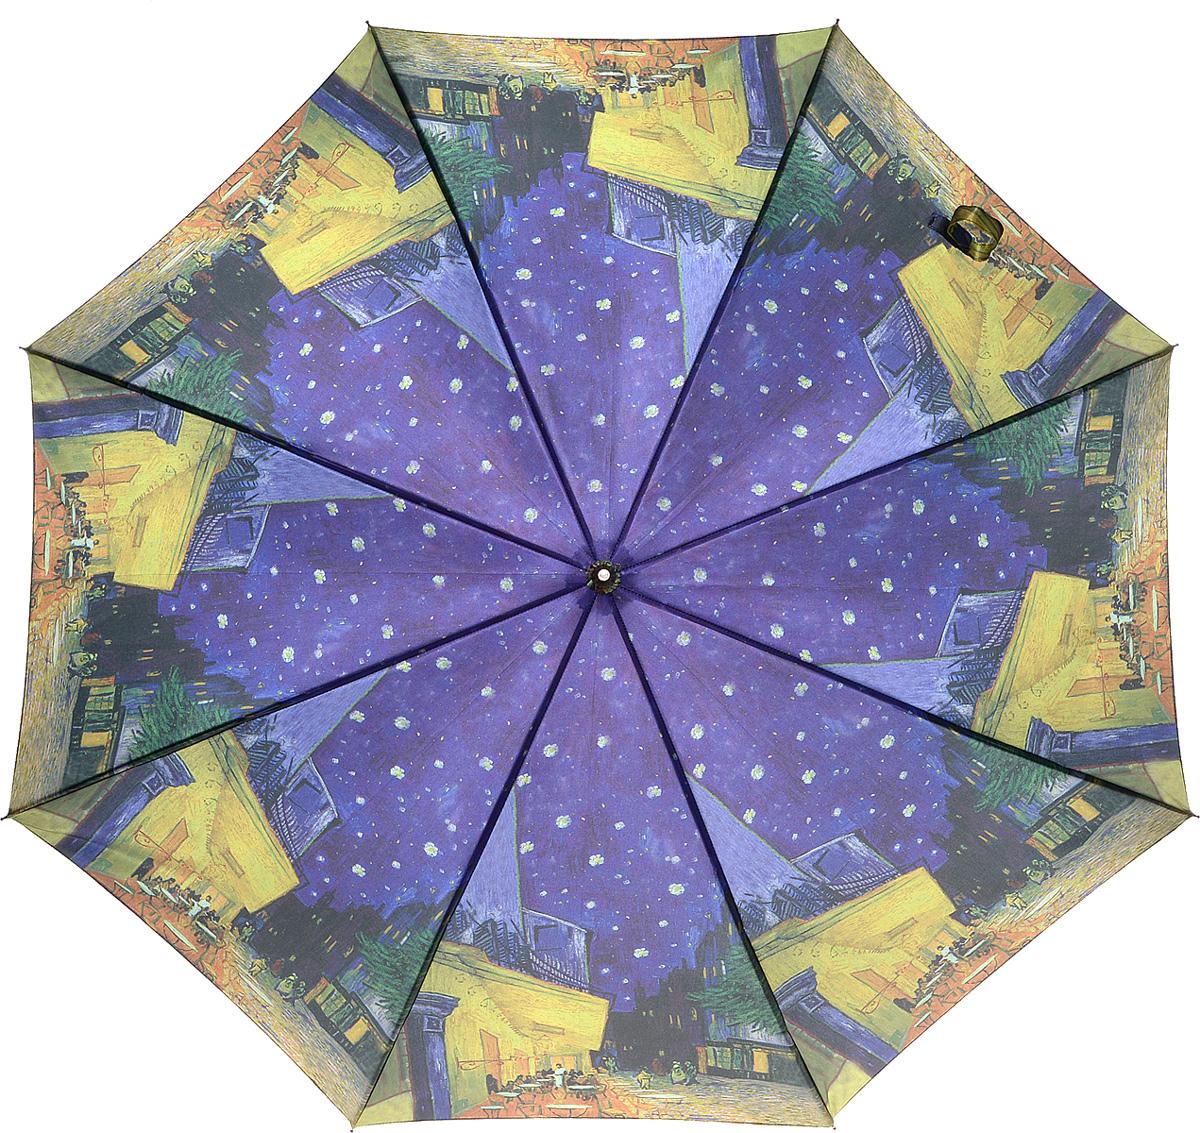 Зонт Kawaii Factory Van Gogh, механика, тростьKW042-000182Решив отдать должное гениальному художнику, мы создали зонт Van Gogh, где принтом служит одна из его картин. Как видите, аксессуар получился просто замечательным! Красочный зонтик Ван Гог выглядит оригинально, и привлечет к себе восхищенные взгляды и ценителей искусства, и просто прохожих, которые не имеют понятие об одноухом художнике. Зонт с картиной Ван Гога Звездная ночь покоряет и своей прочной конструкцией. Ему не страшен дождь и сильный ветер, удобная рукоятка словно идеально сделана для вашей ладони. Что говорить – купите и пользуйтесь.